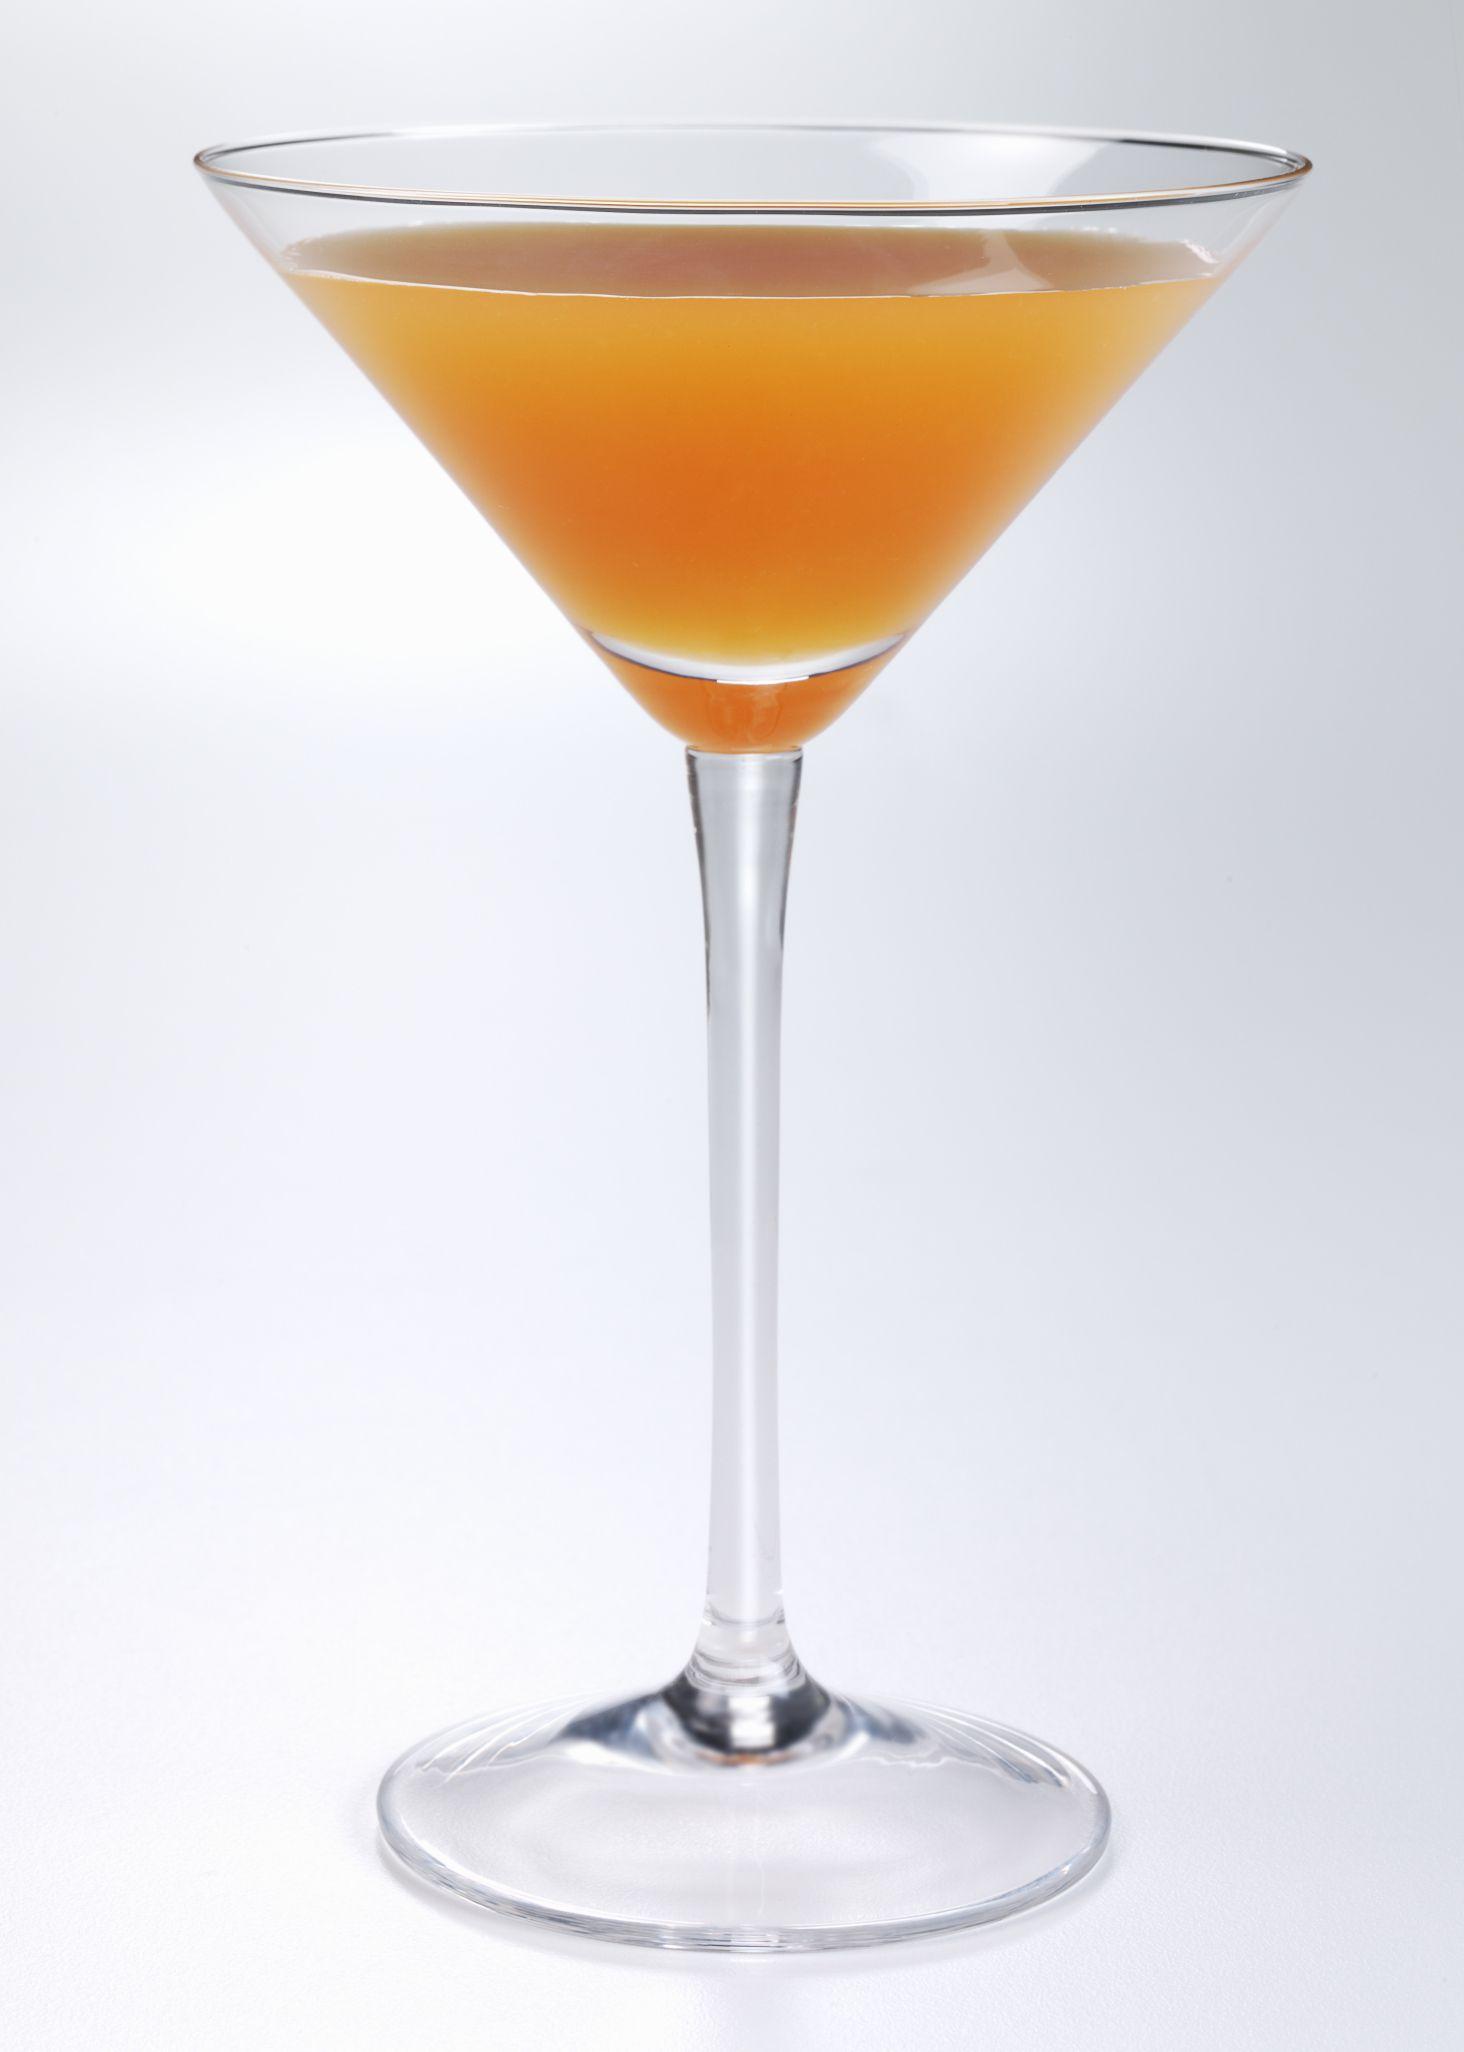 Coconut martini recipe vodka for Basic martini recipe vodka